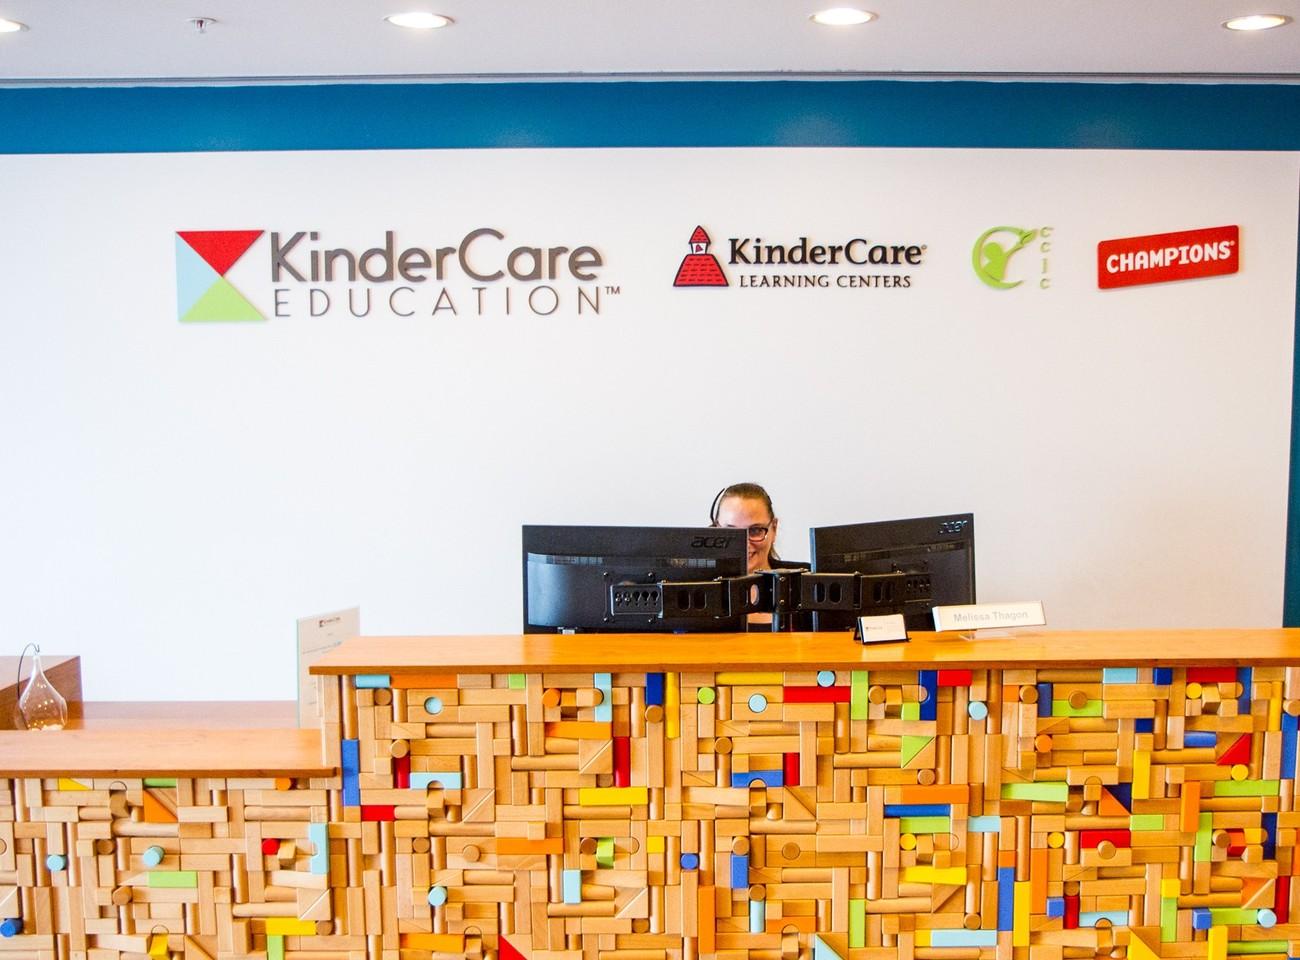 KinderCare Education Careers